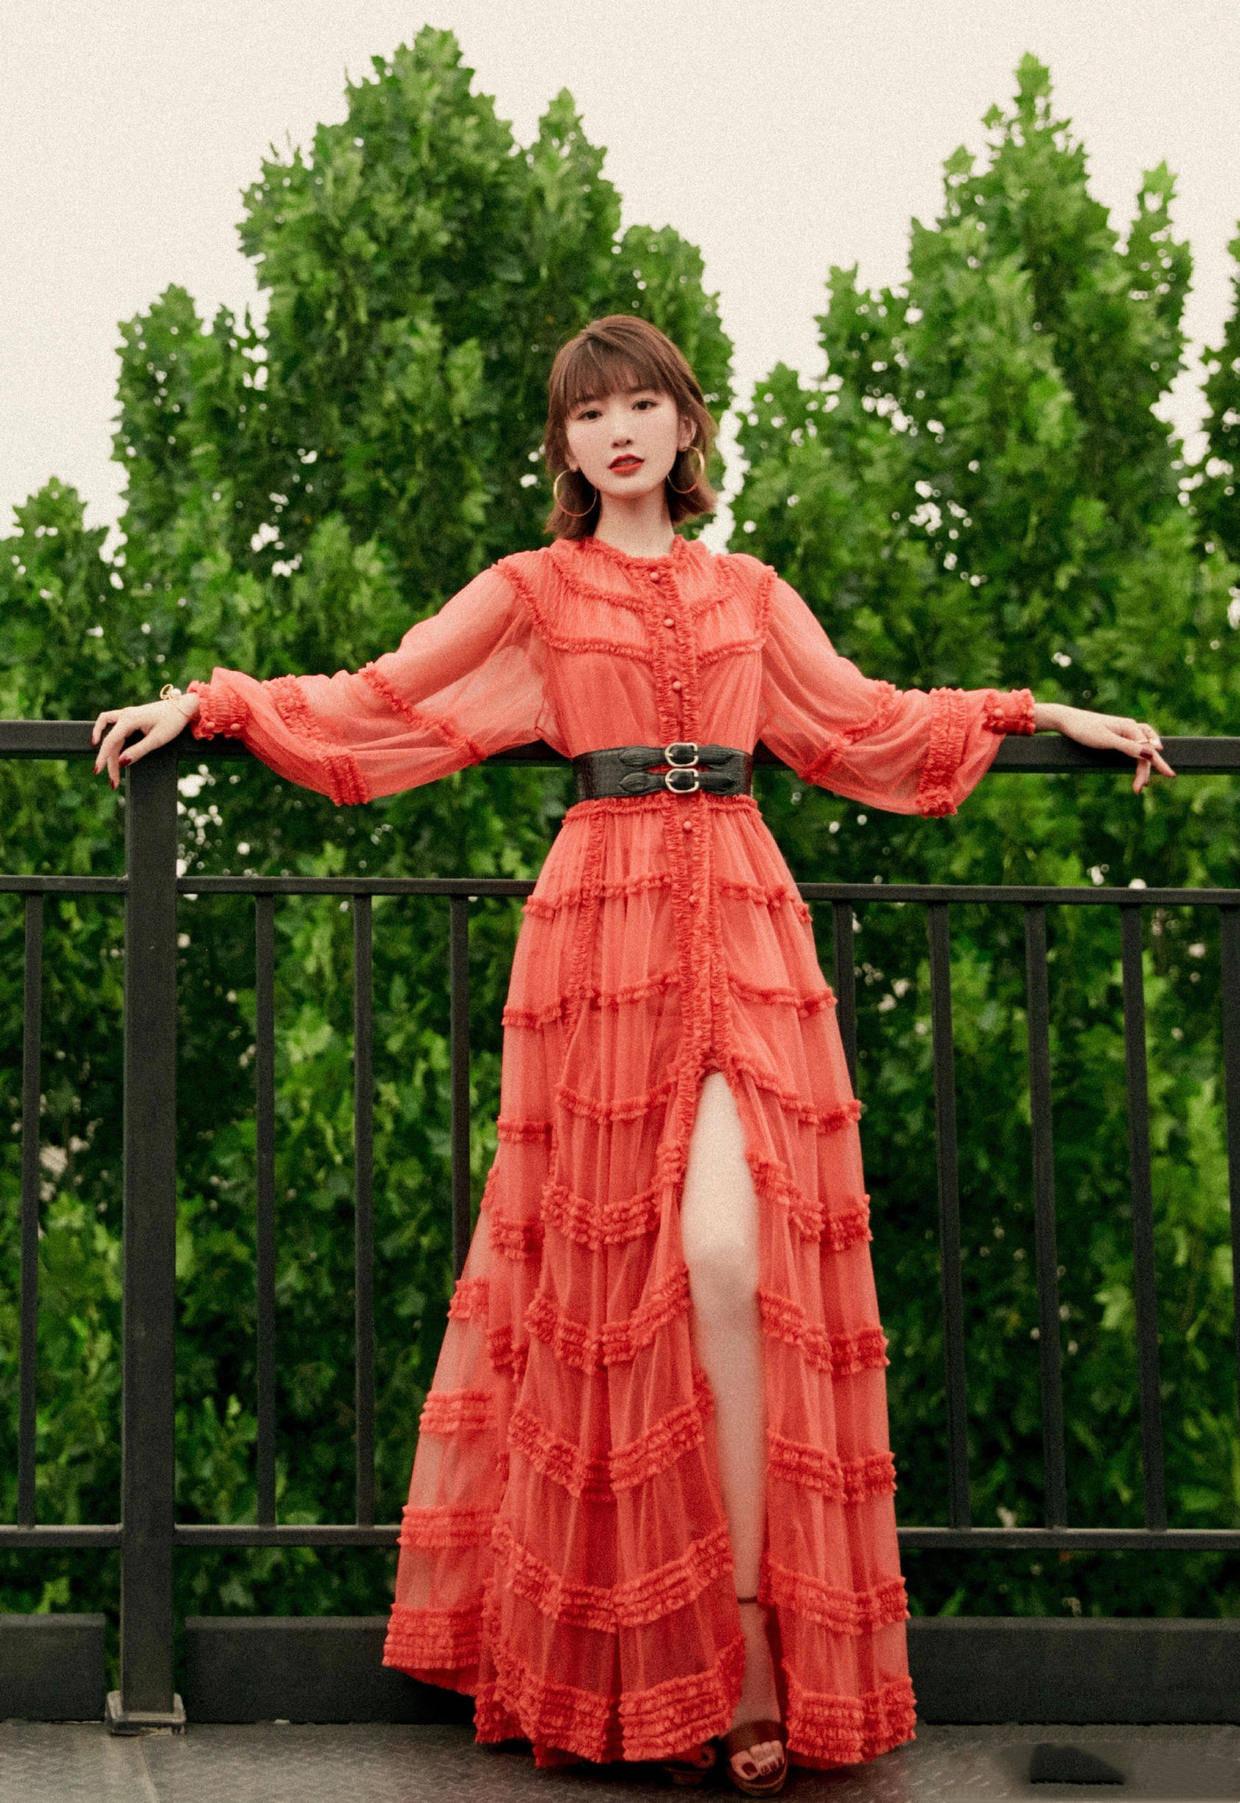 原创开心!毛晓彤终于火了,穿红色薄纱连衣裙开高叉,高调一点更养眼